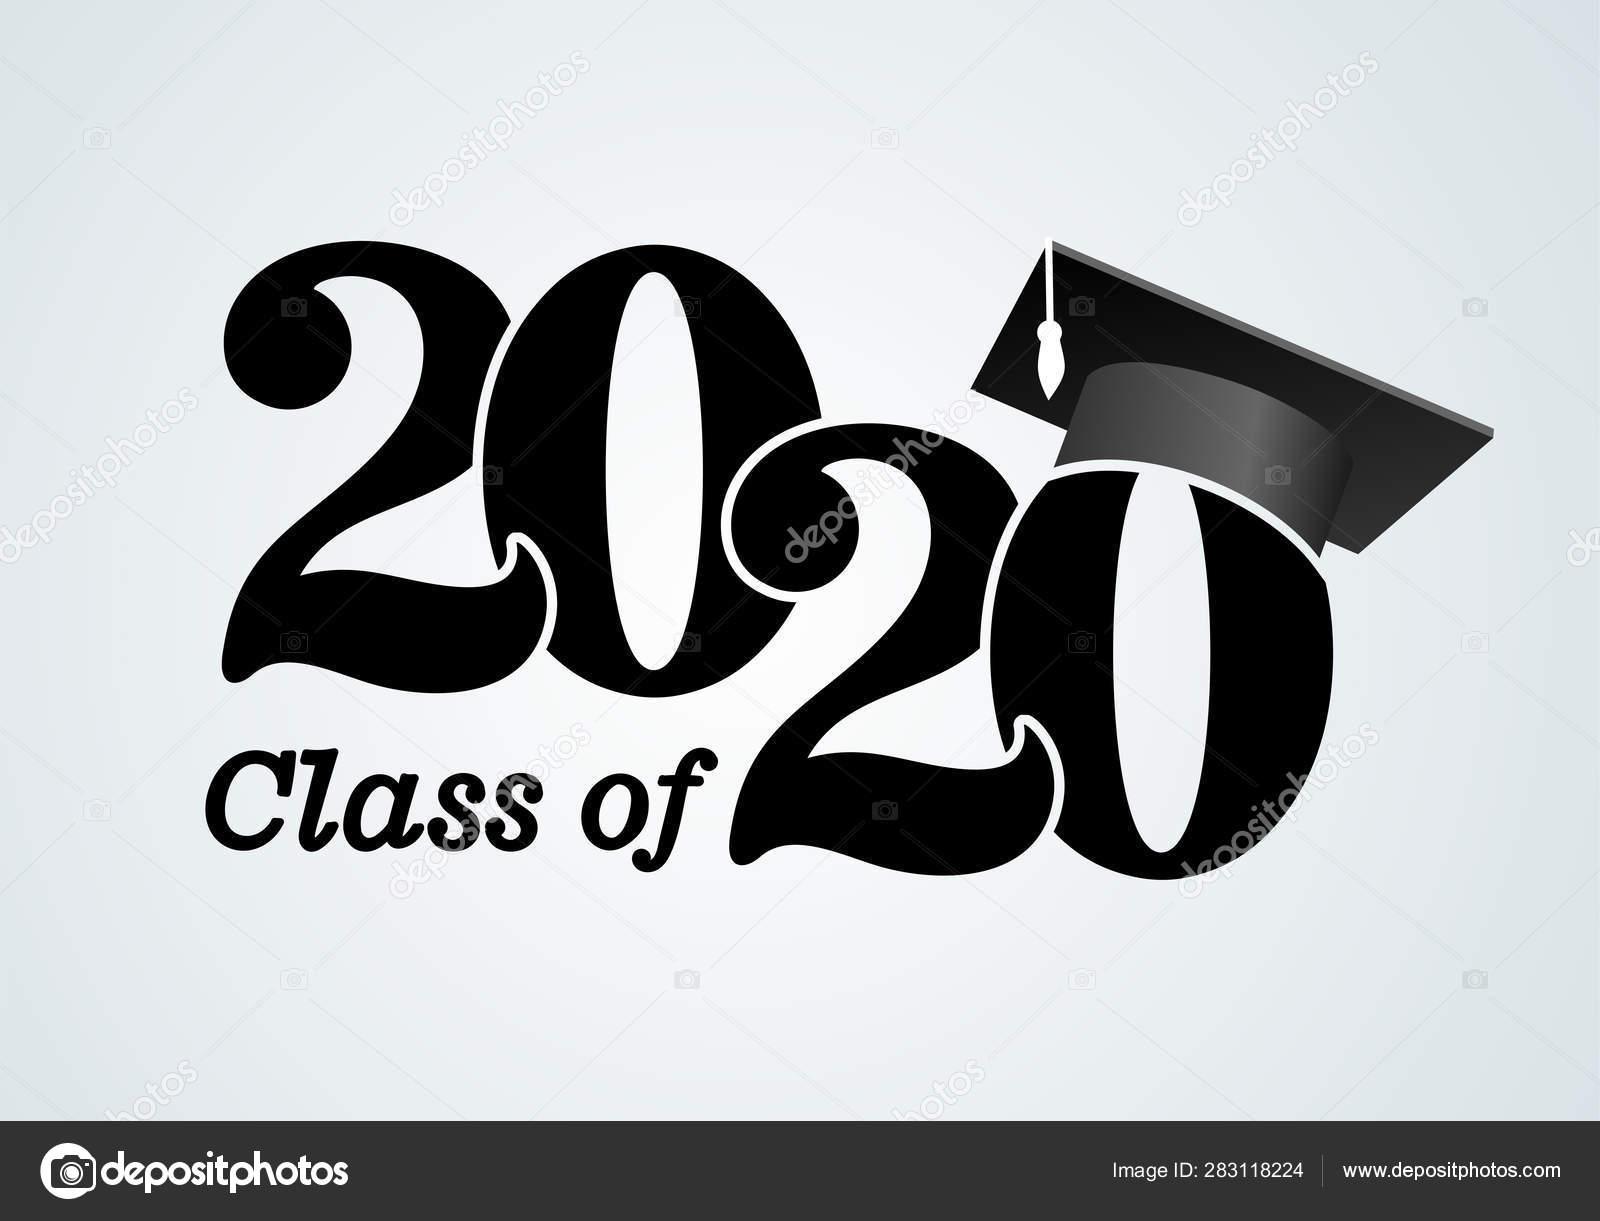 Graduation Images 2020.Class 2020 Graduation Cap Congratulations Graduation